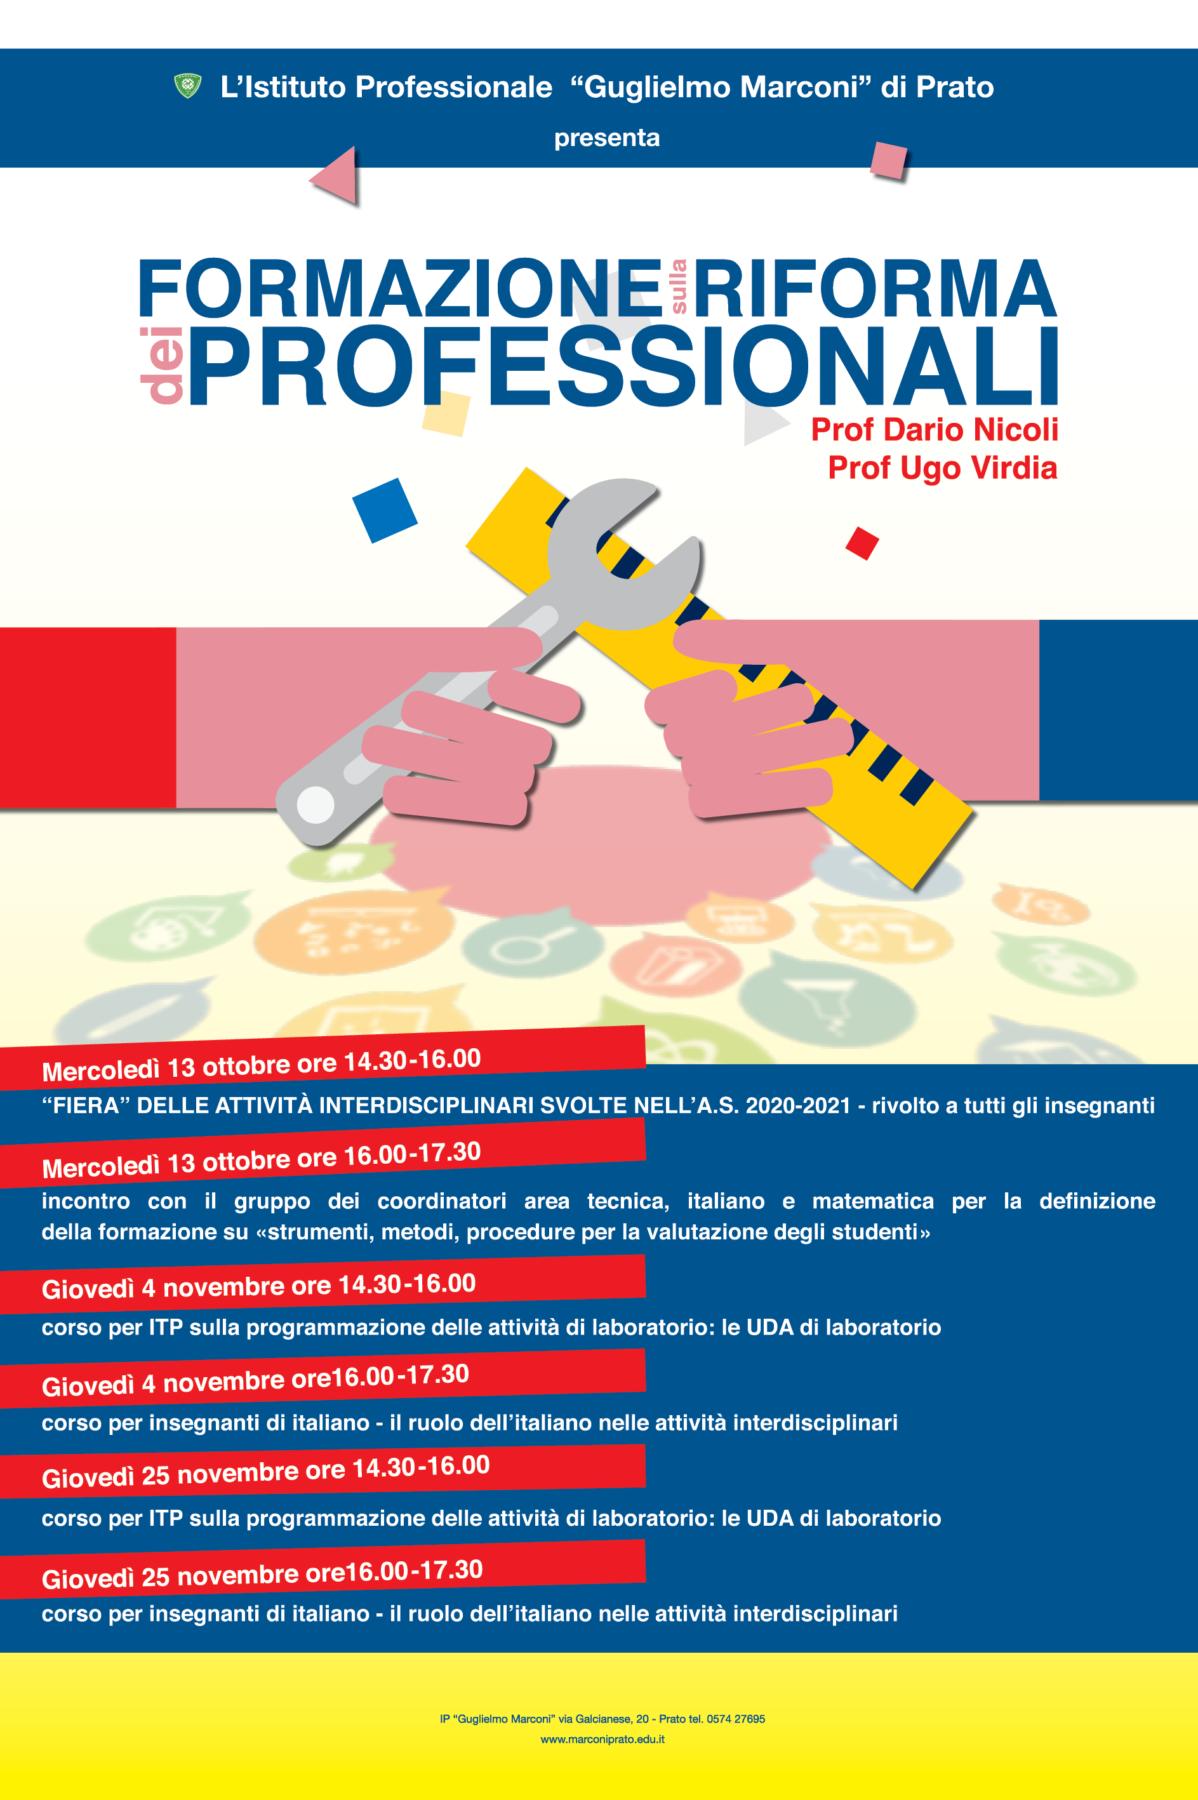 Manifesto riforma dei professionali